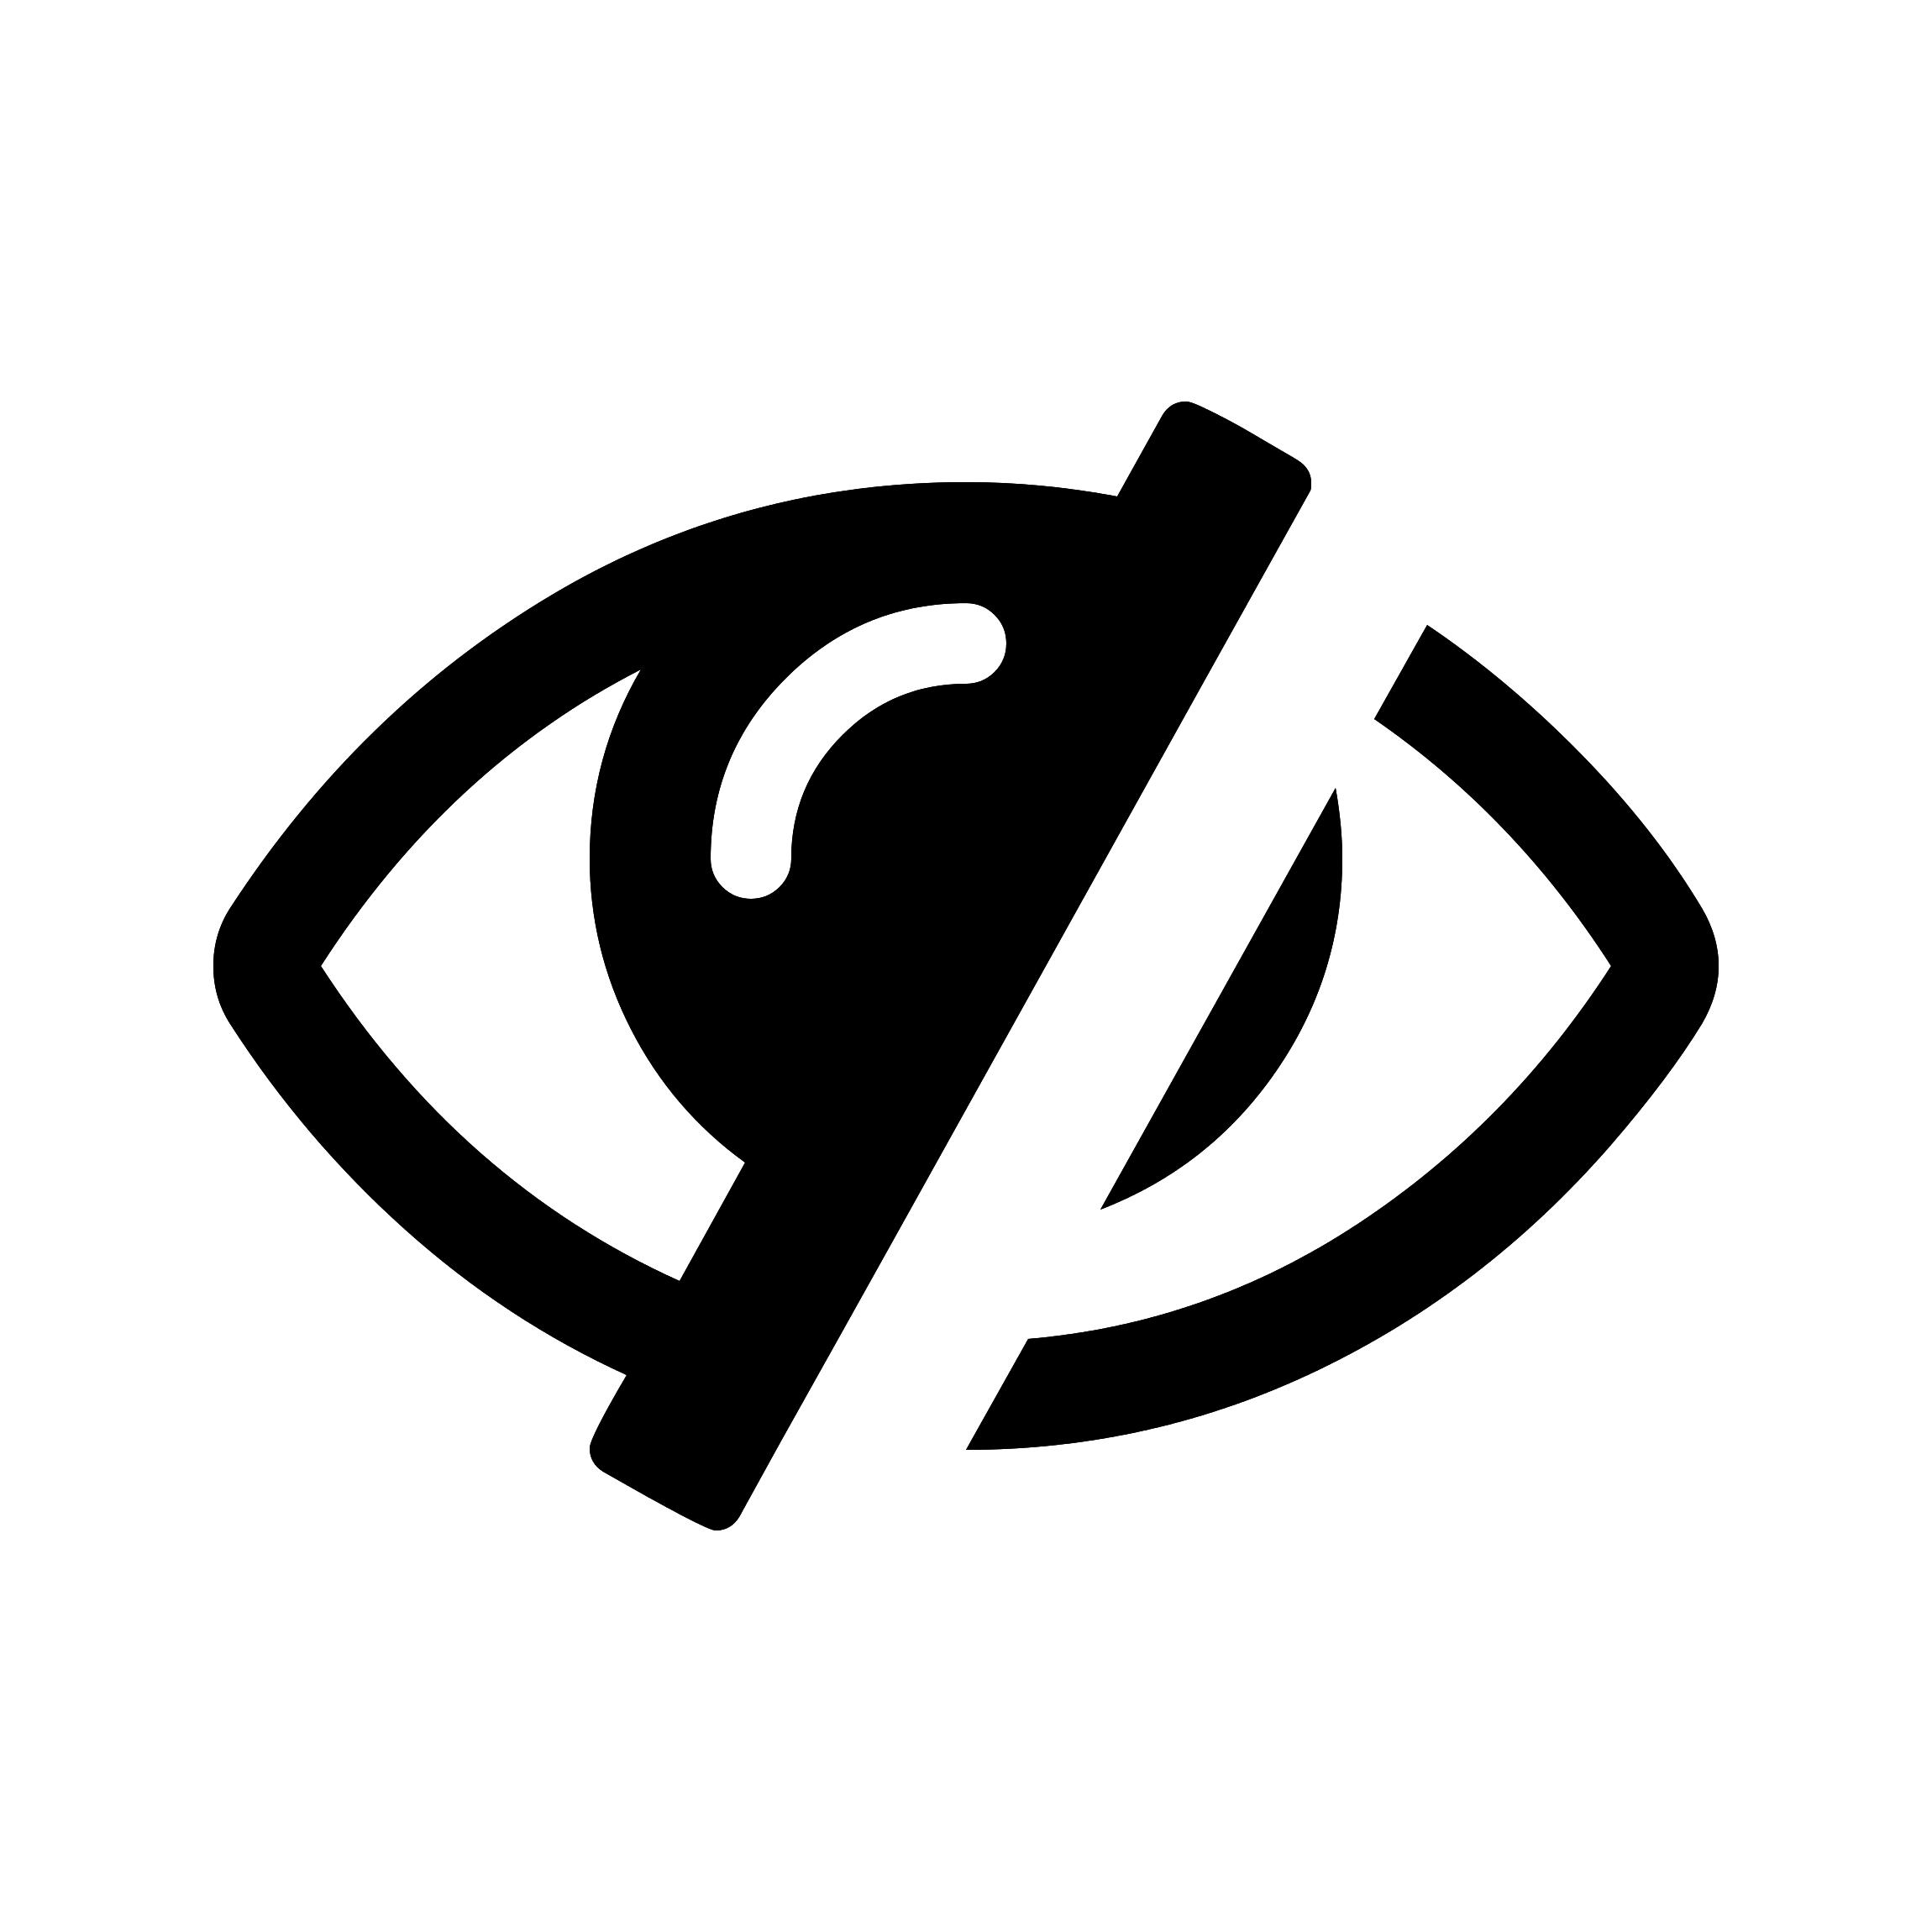 data/images/eye-slash.png